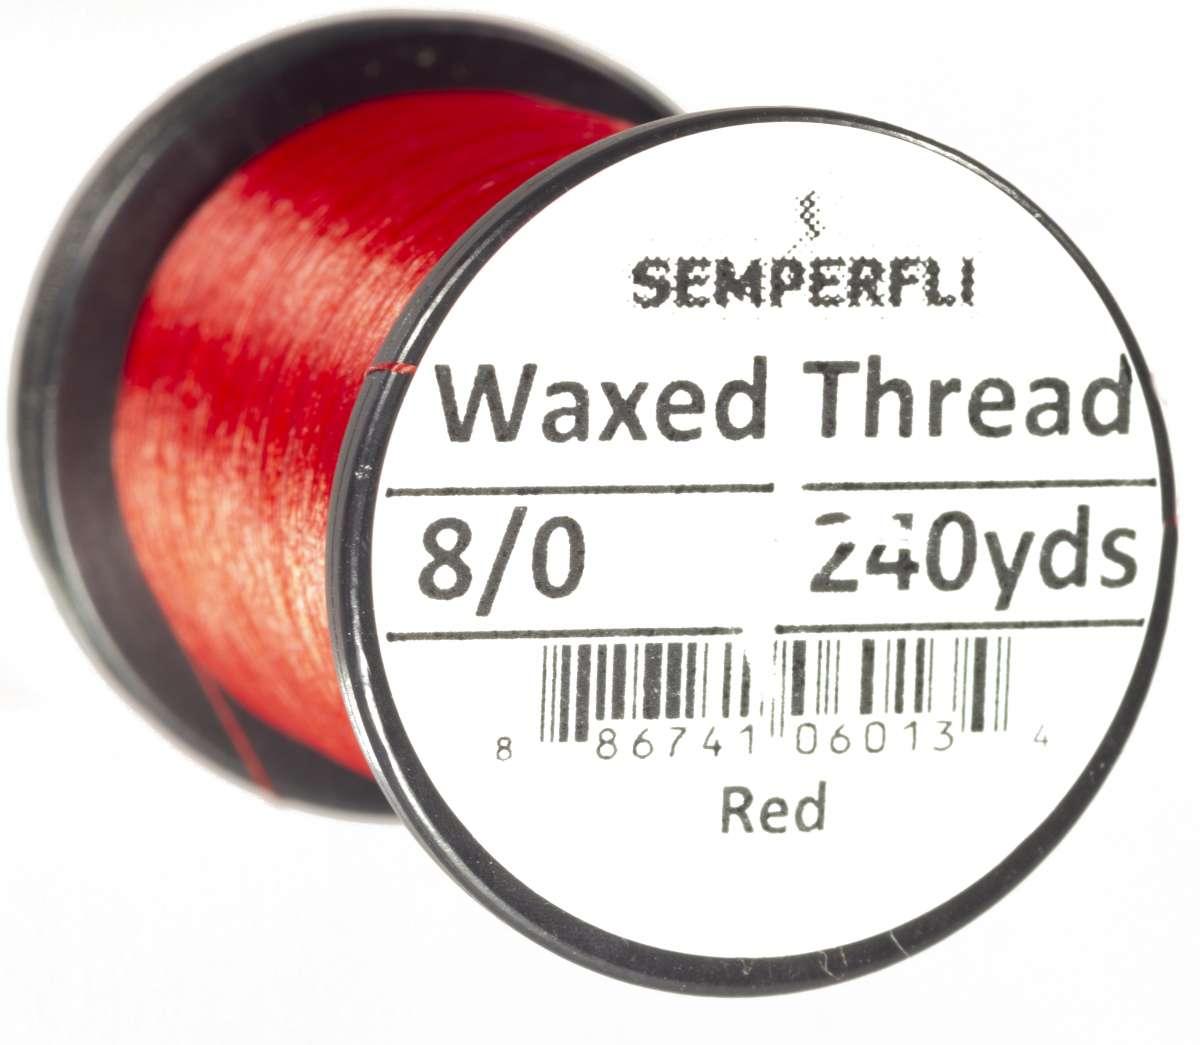 8/0 Classic Waxed Thread Medium Red Sem-0400-1635